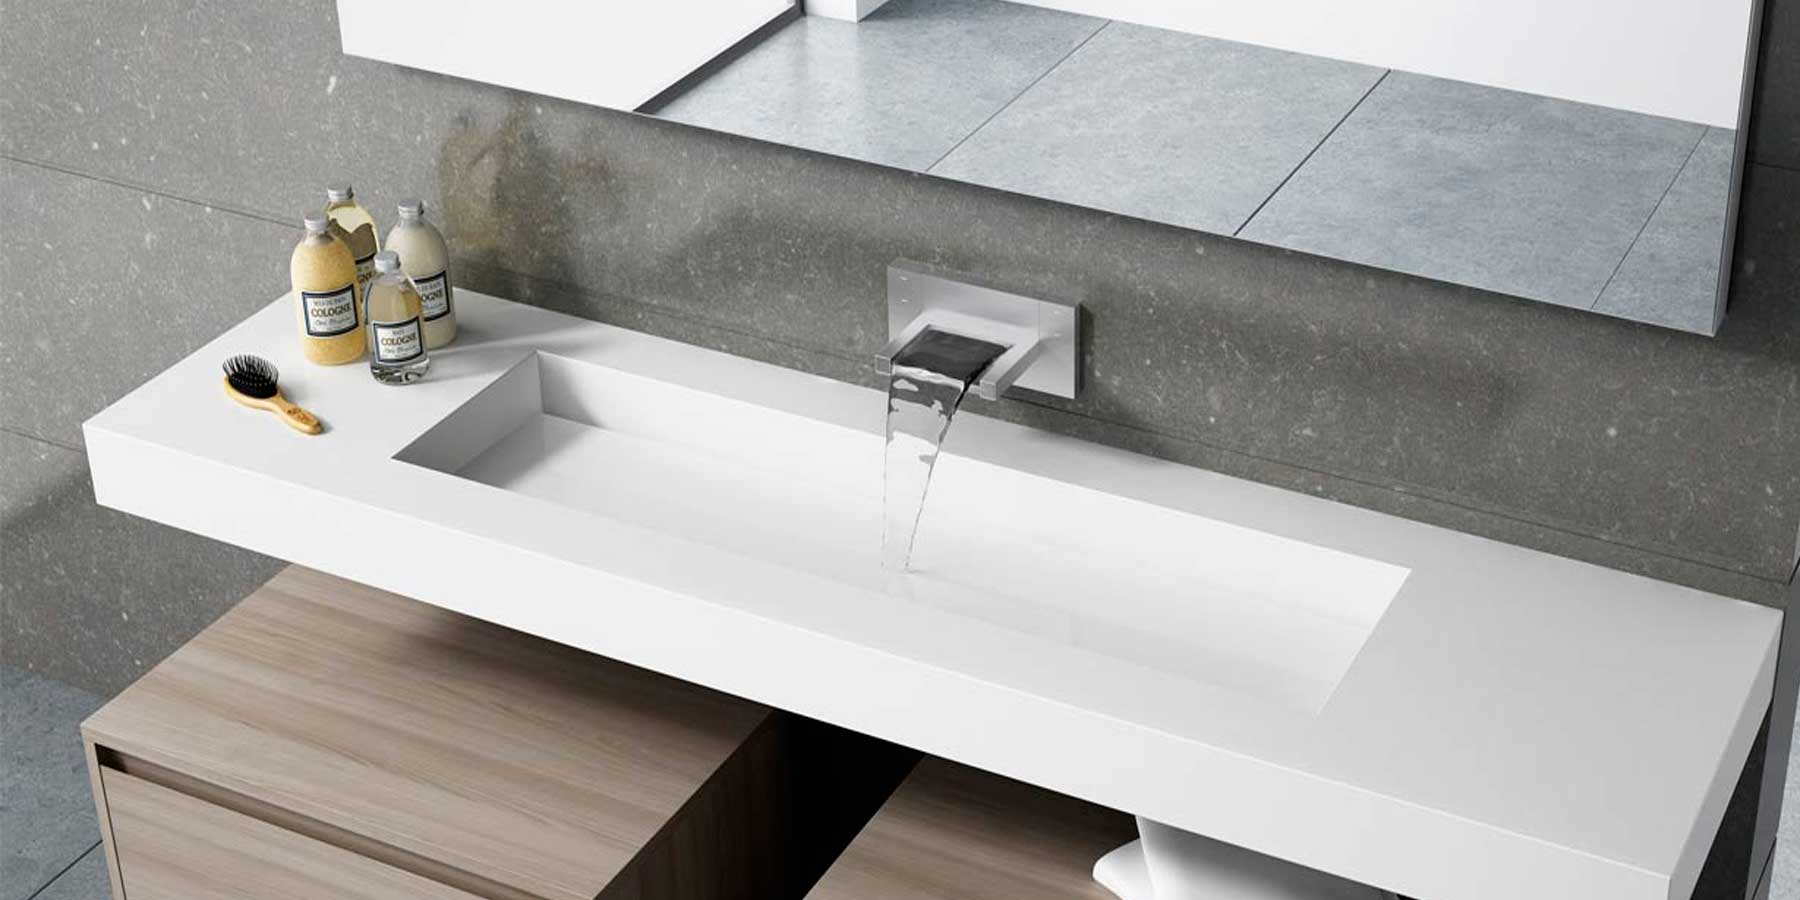 Lavabo da bagno: sceglilo del materiale più adatto alle tue esigenze